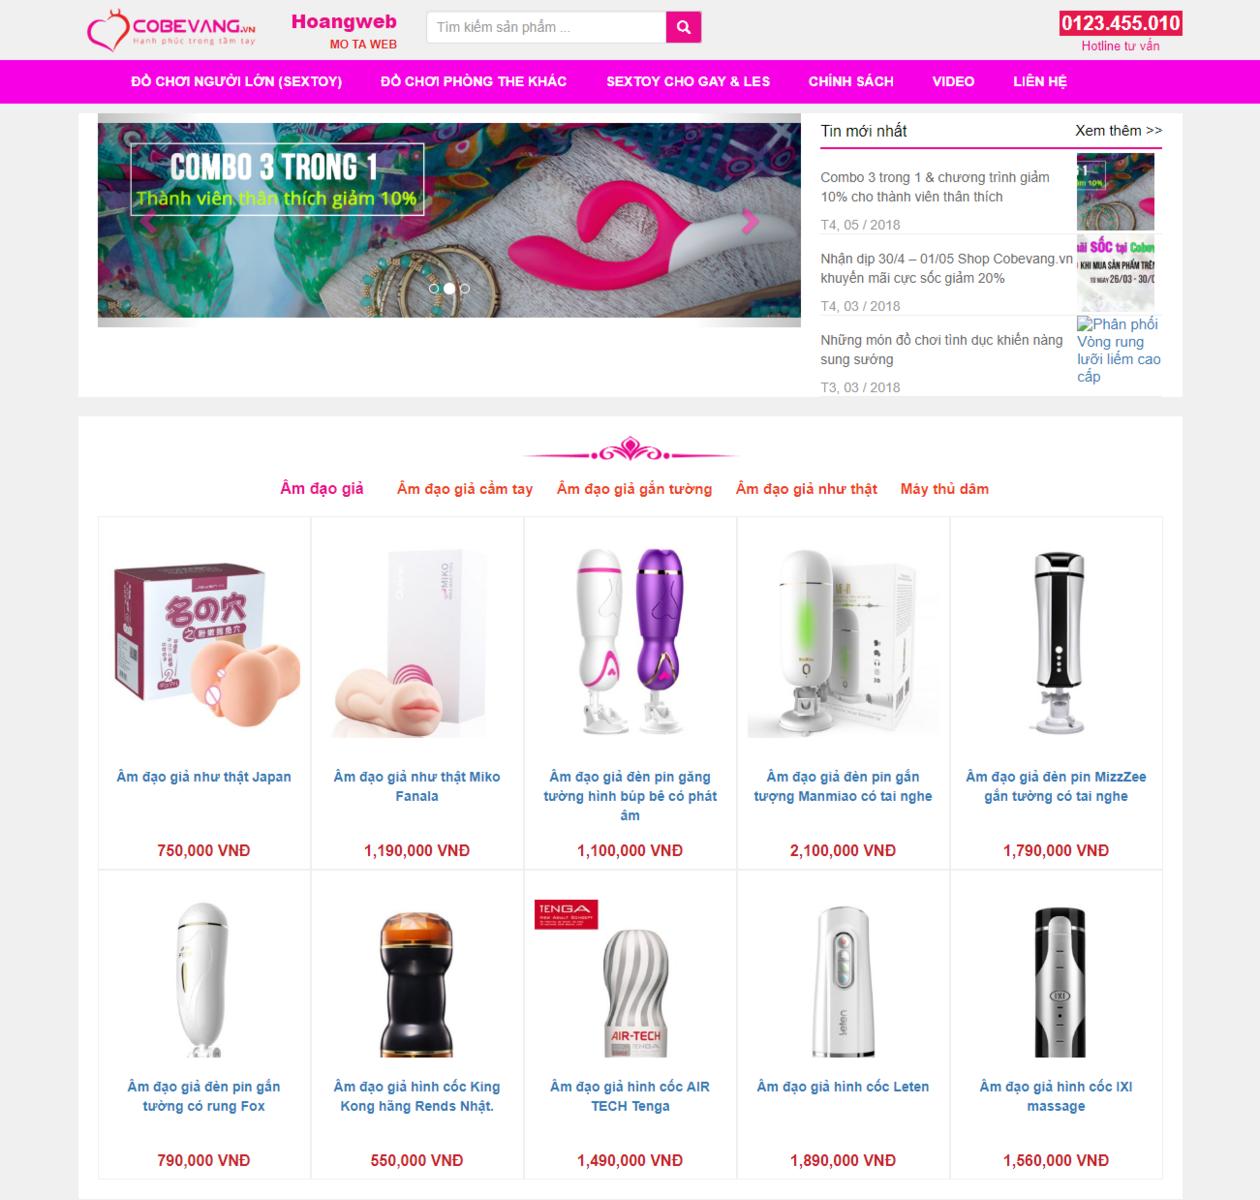 Mẫu website bán sextoy 24h thumbnail